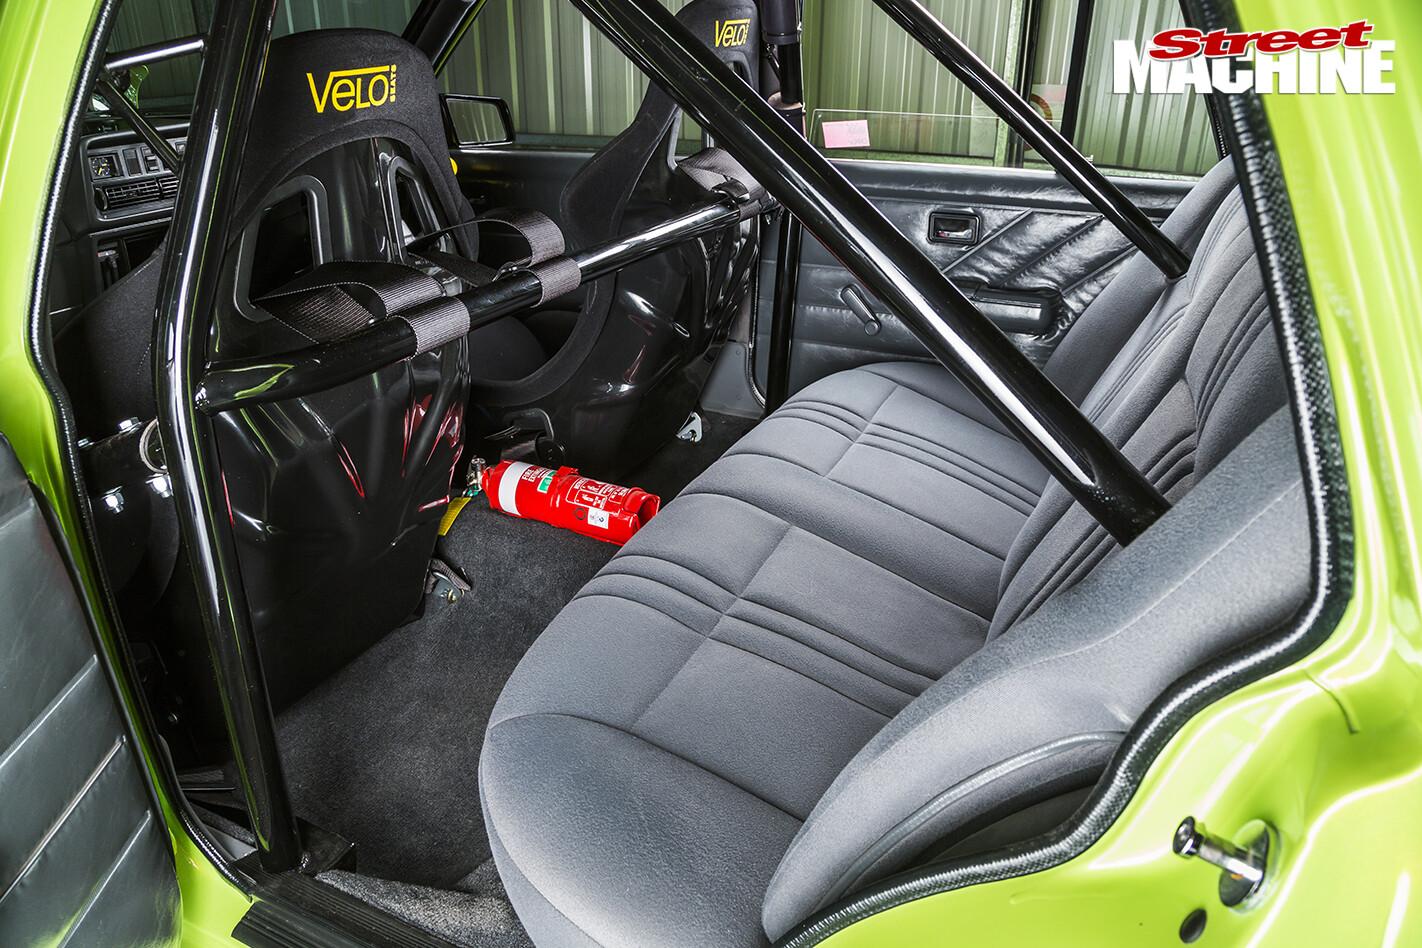 Holden -VH-Vacationer -Wagon -interior -rear